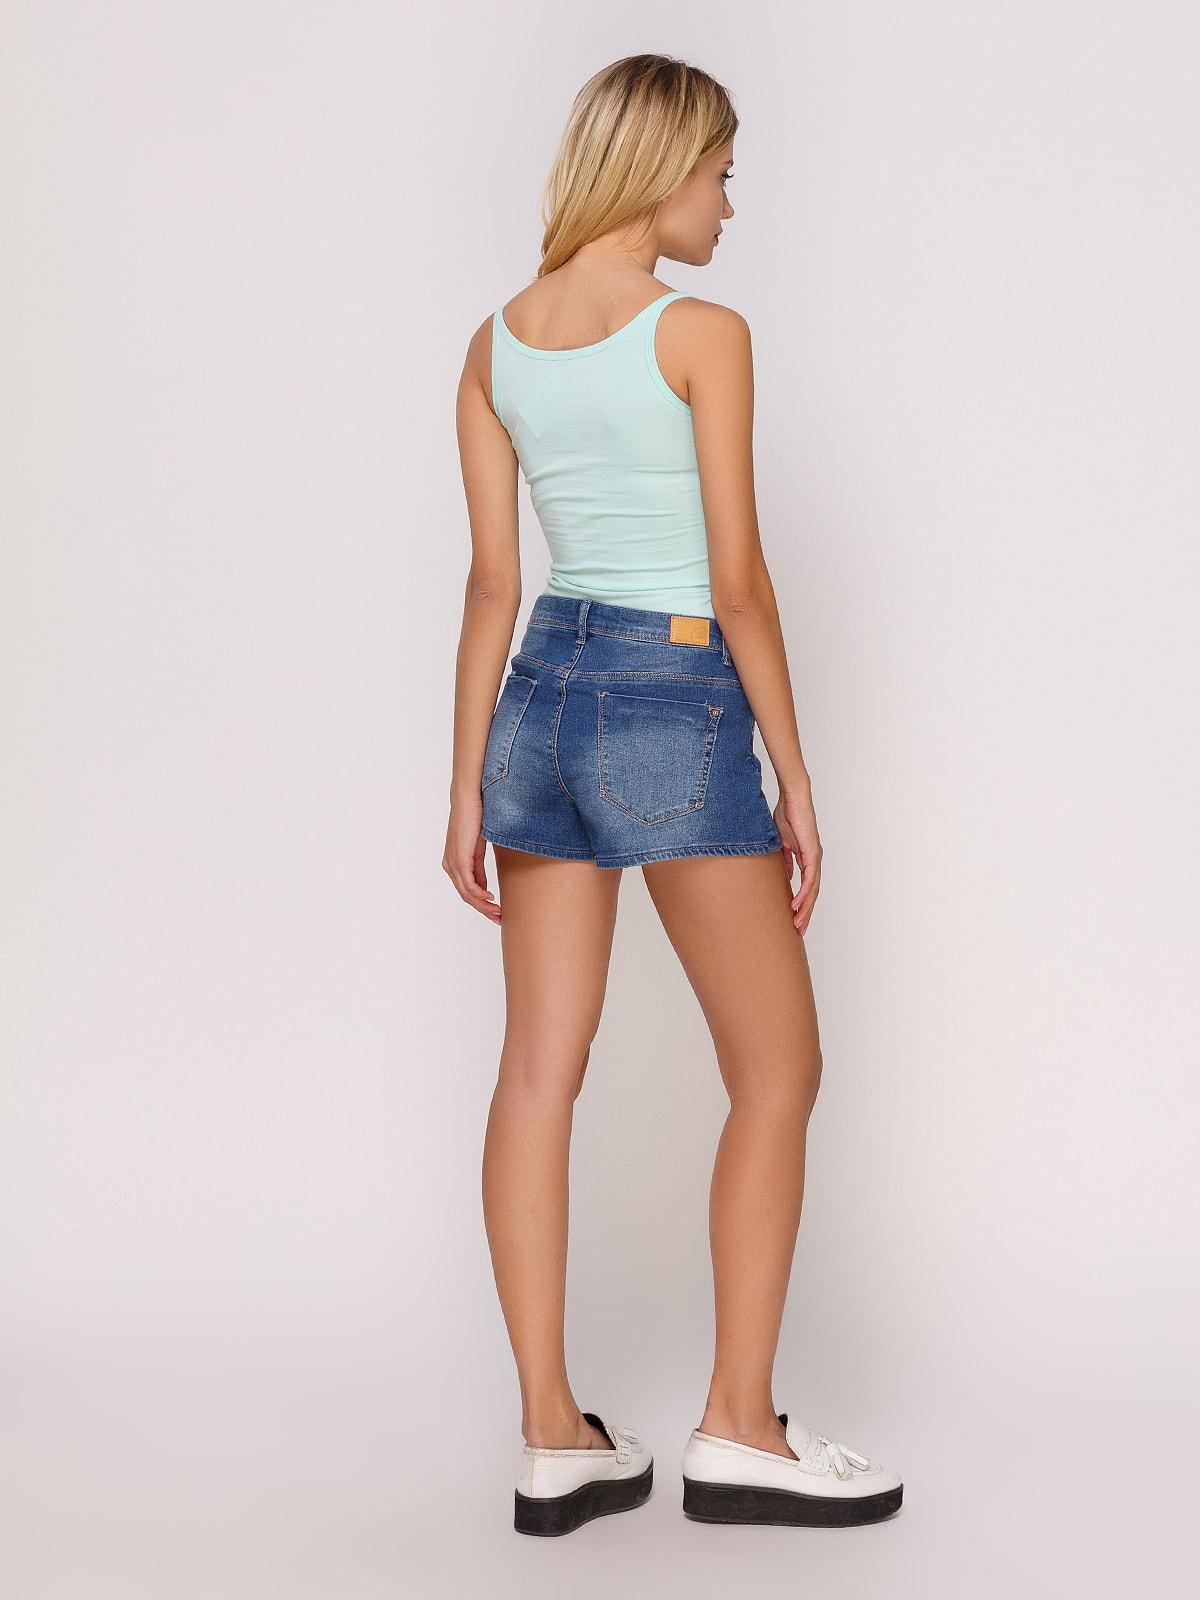 Шорты синие джинсовые | 4627351 | фото 3